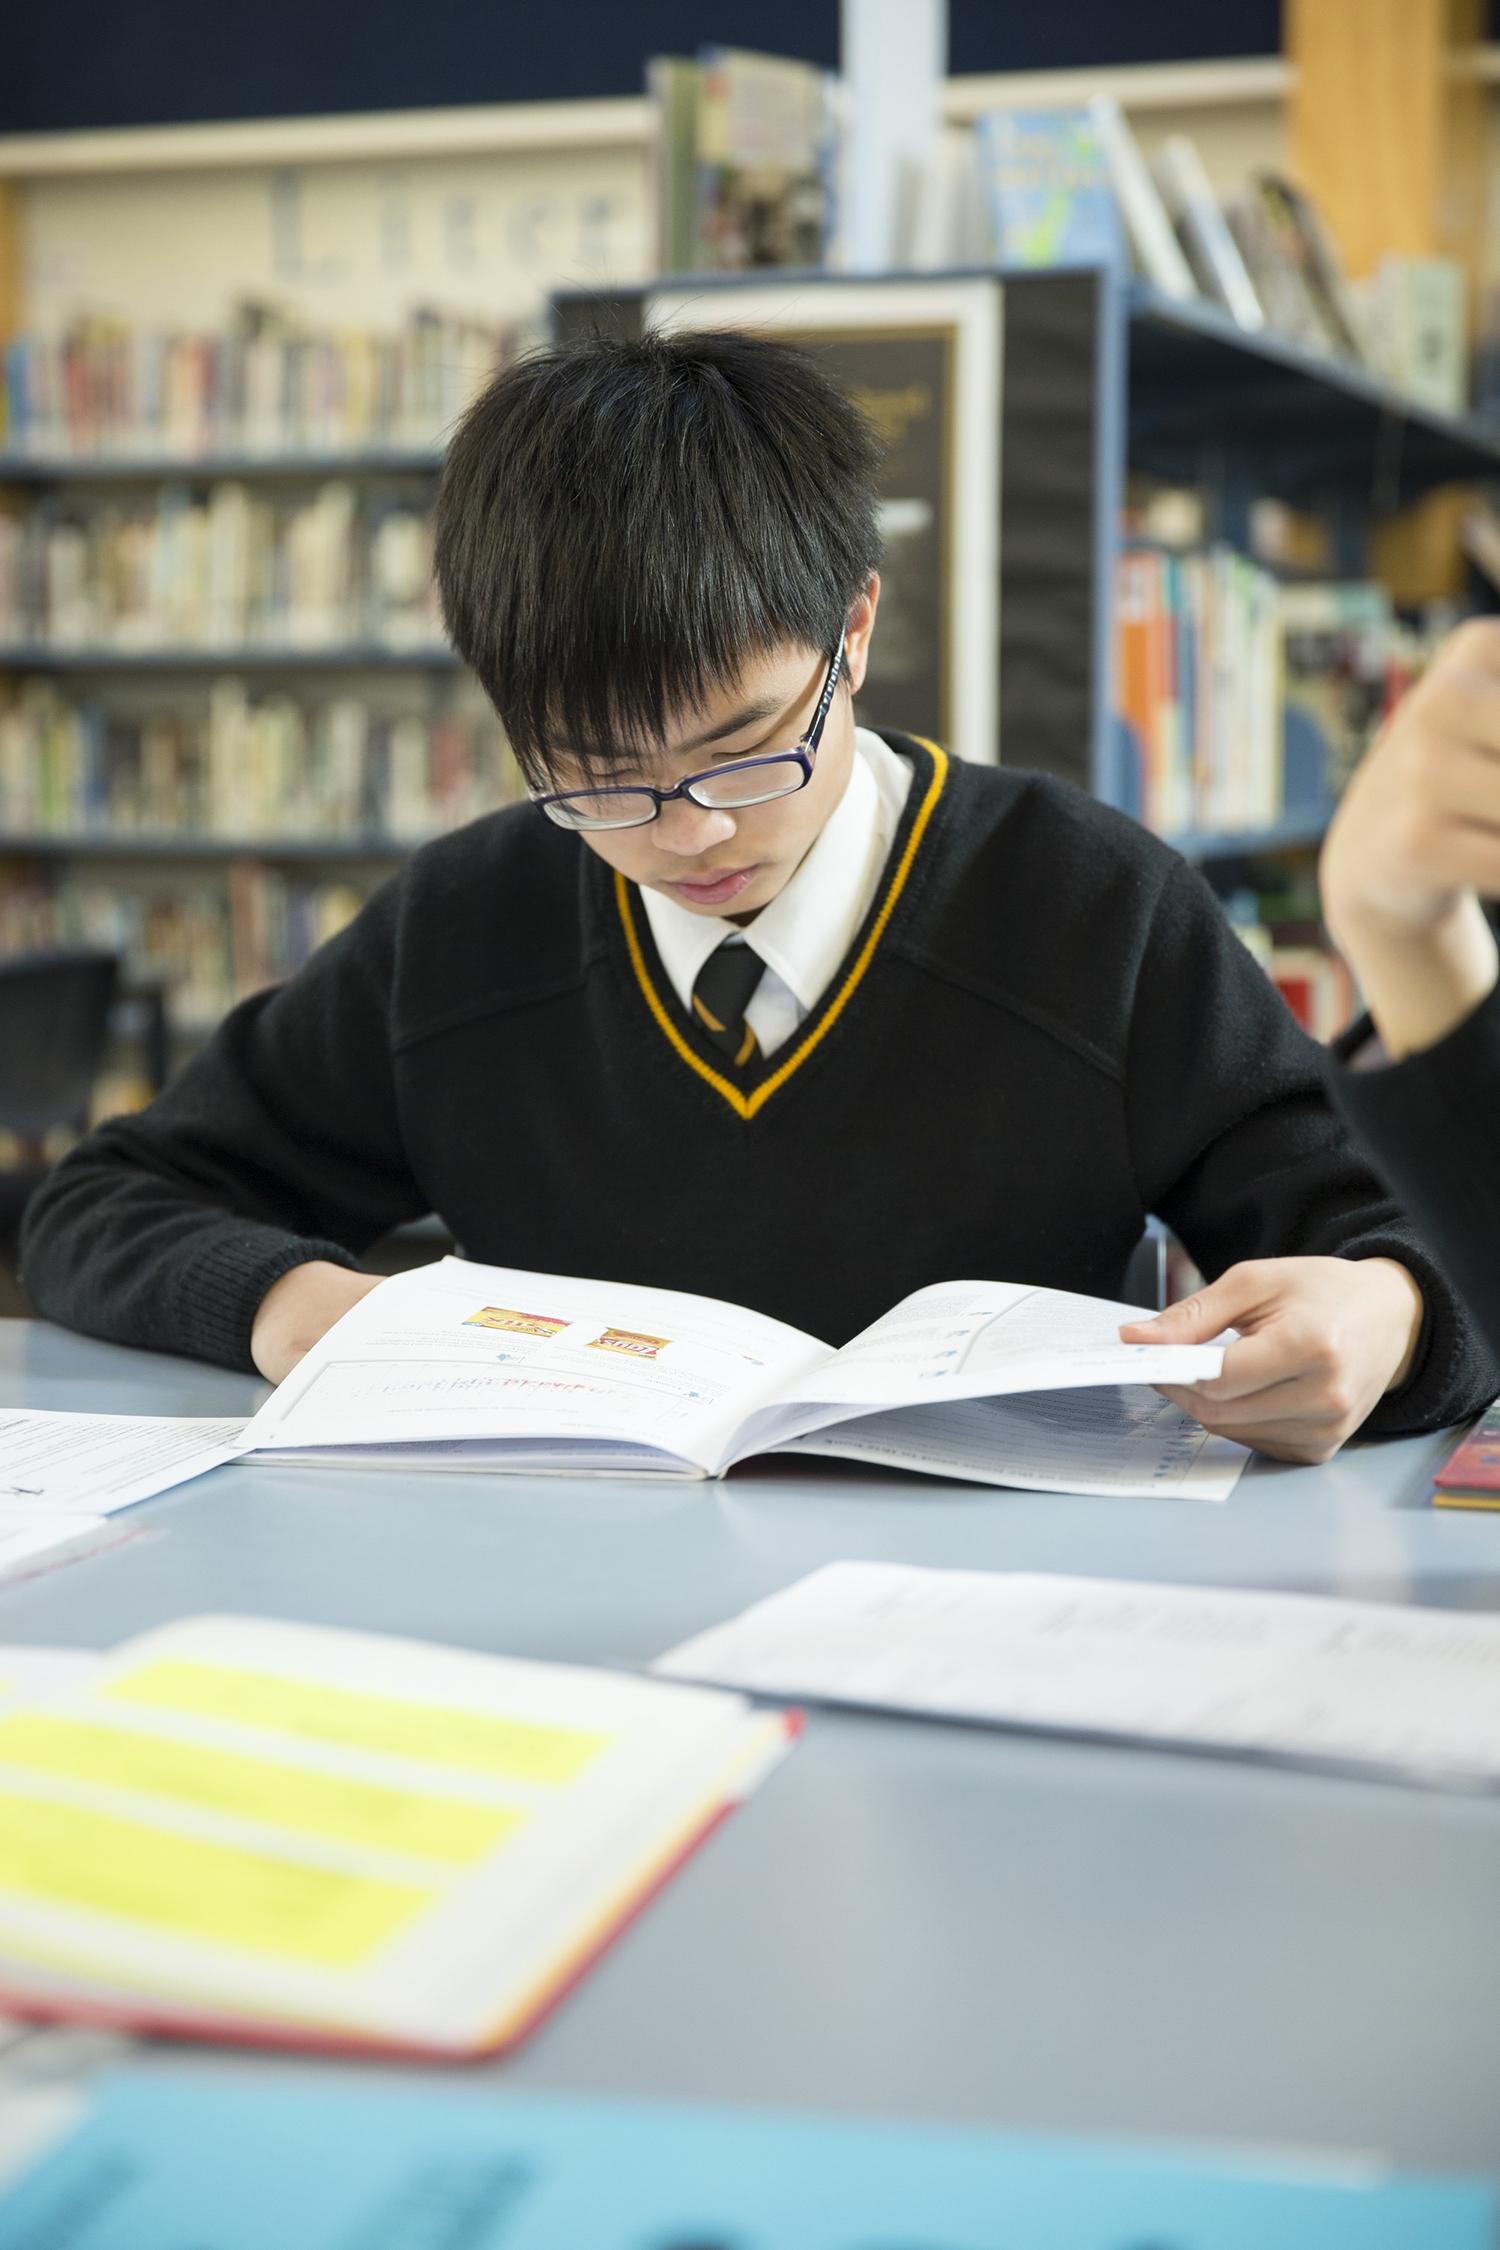 新西兰留学科普贴|新西兰文凭、学位、GD、PGD学历详解